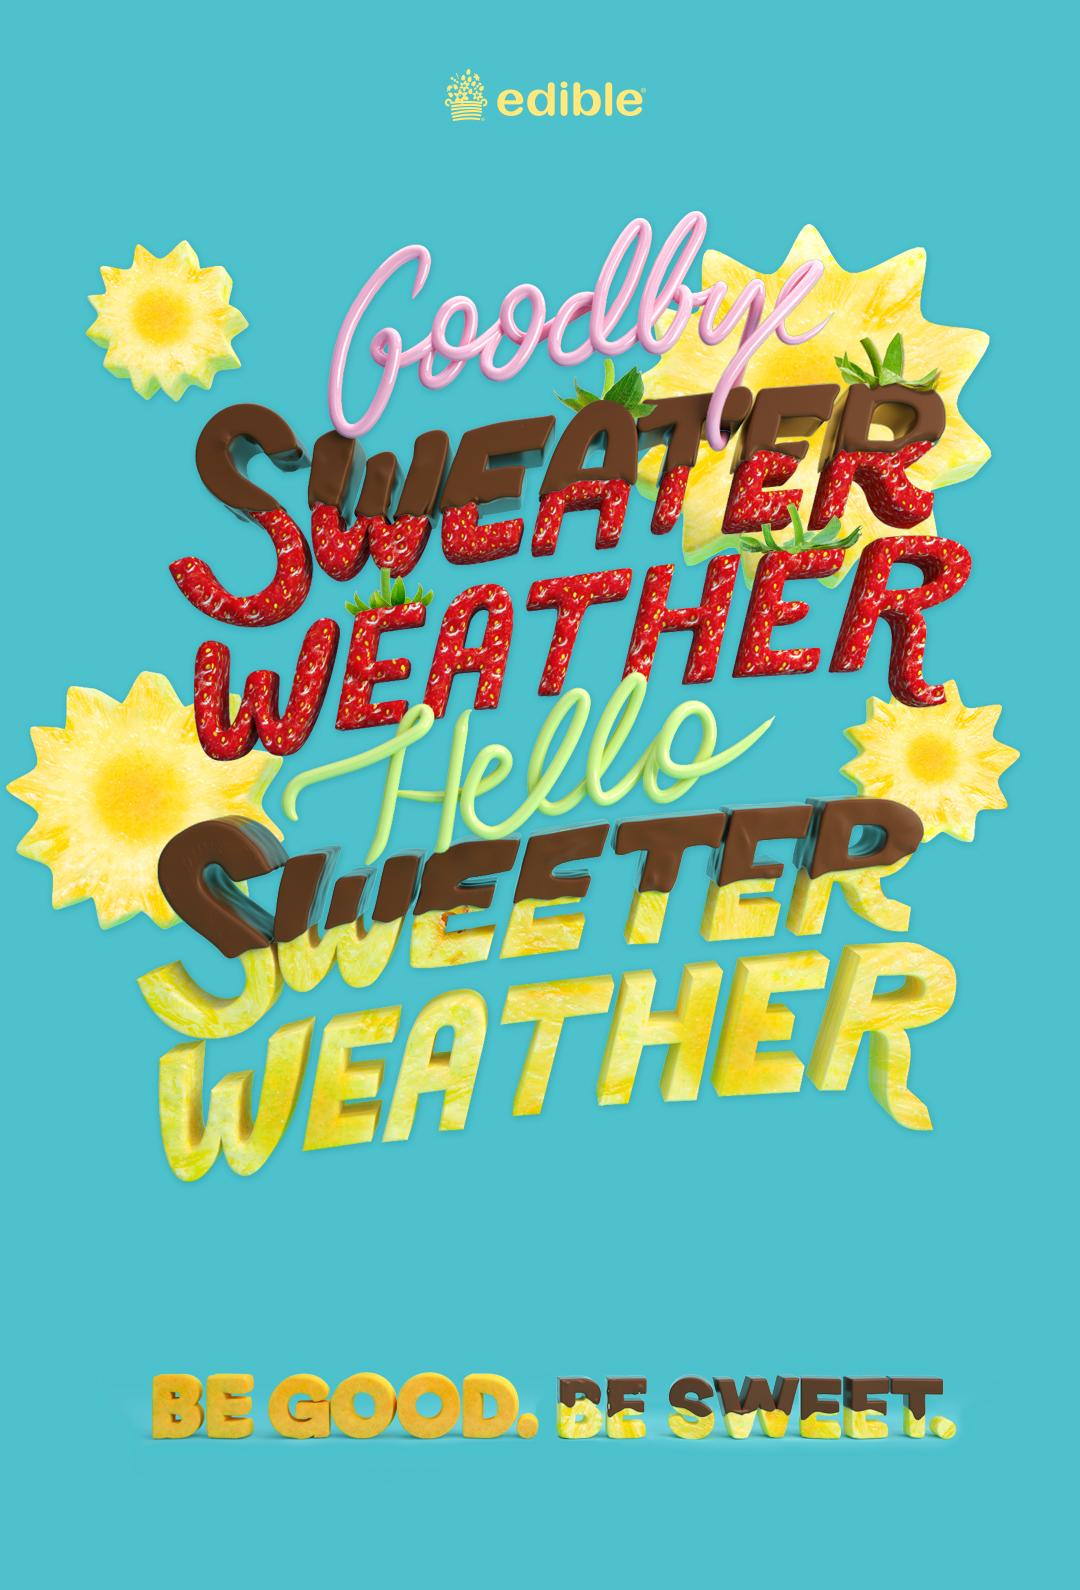 Sweater_Poster_v04.jpg